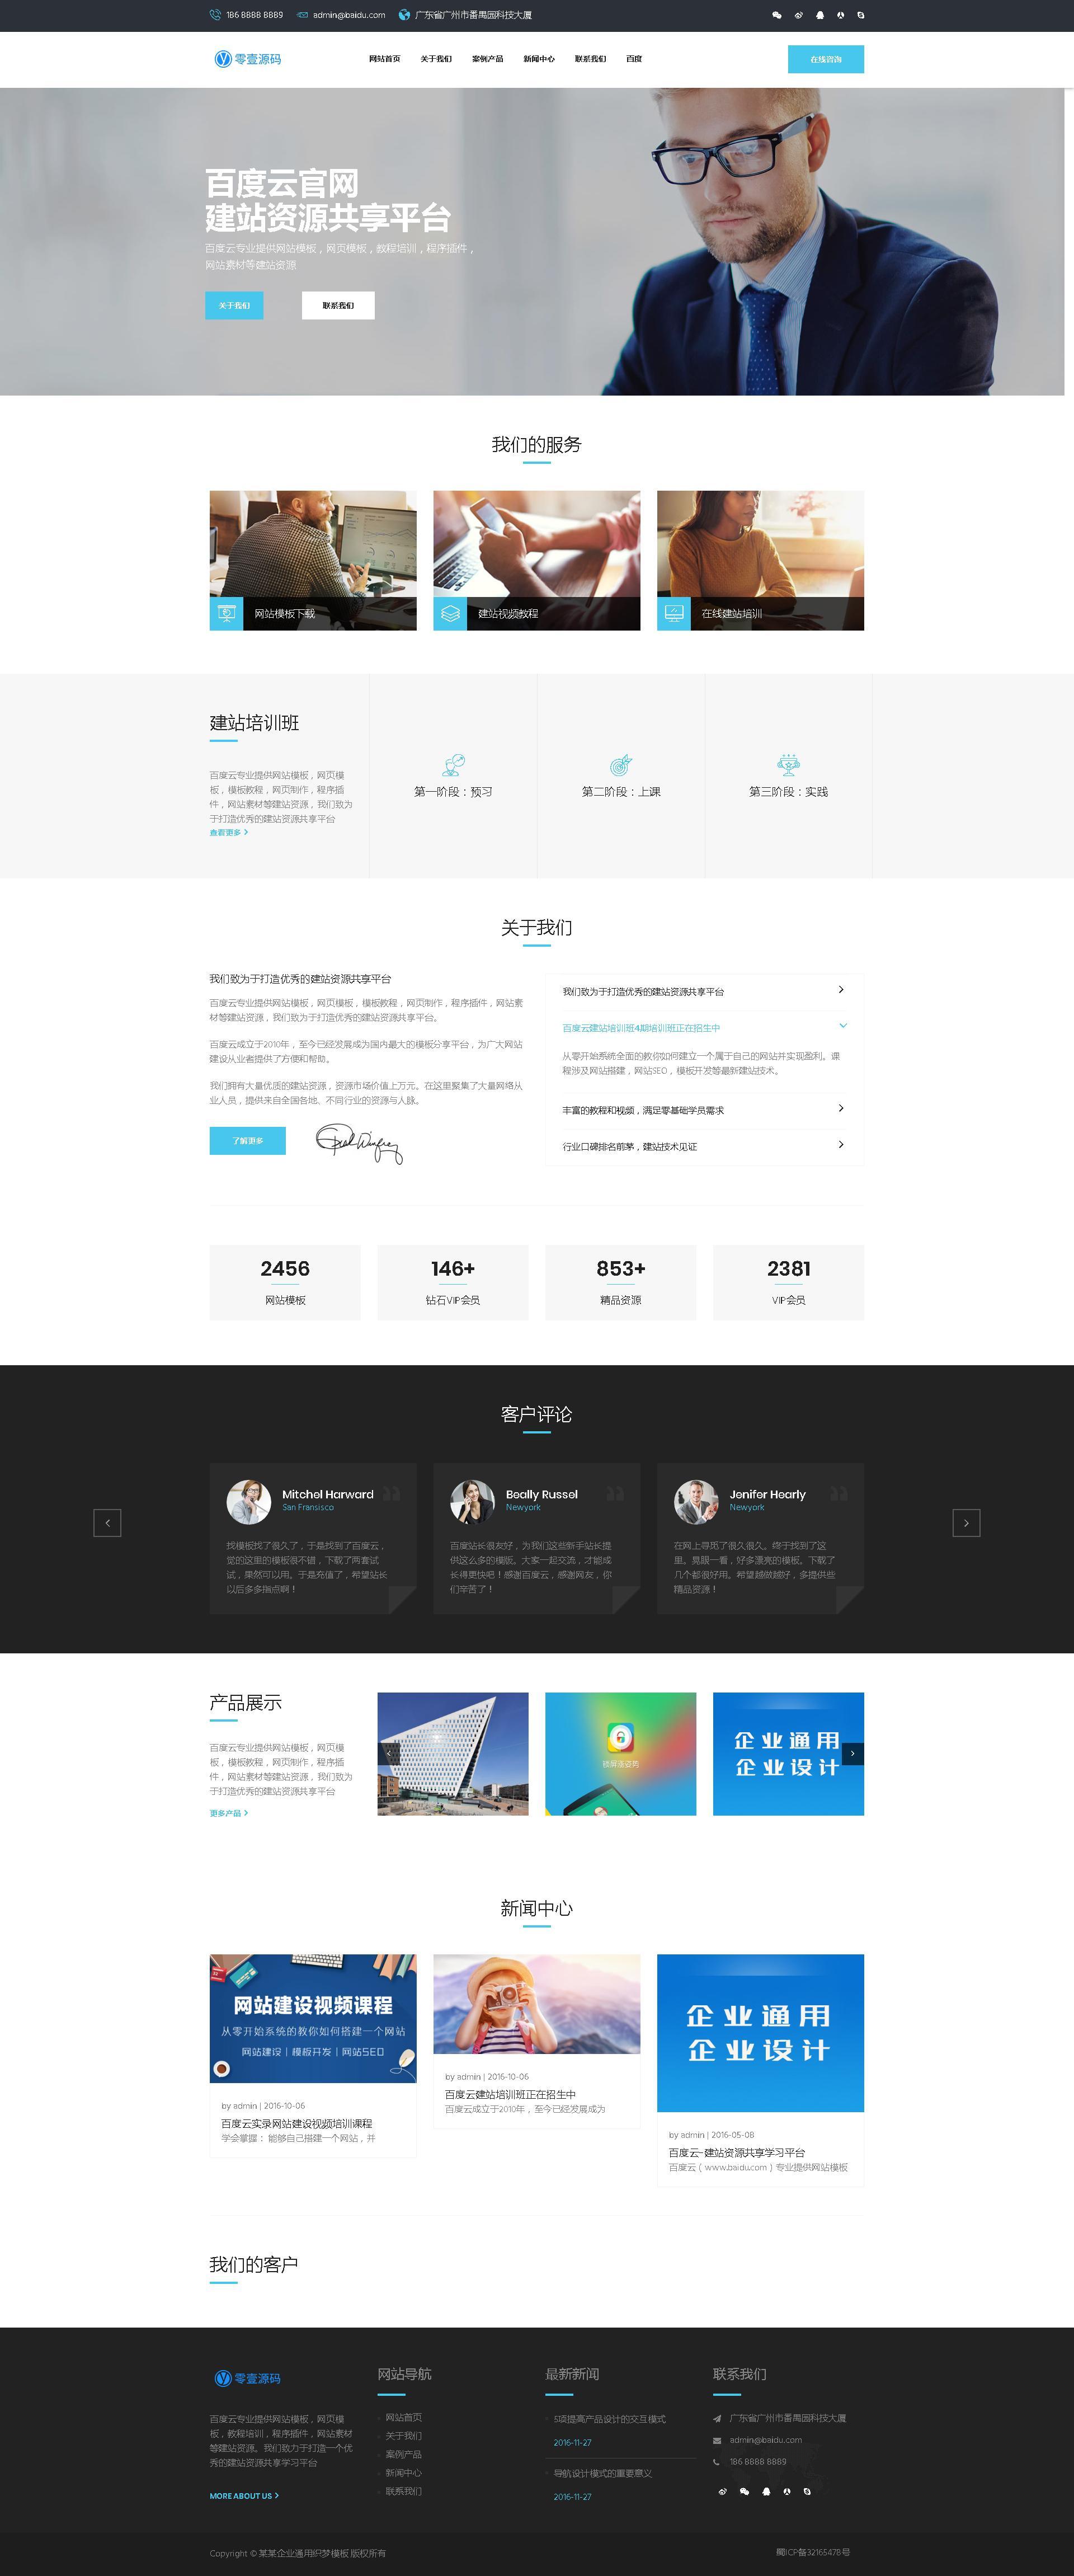 响应式蓝色高端商务公司企业织梦dedecms整站源码(自适应手机端)